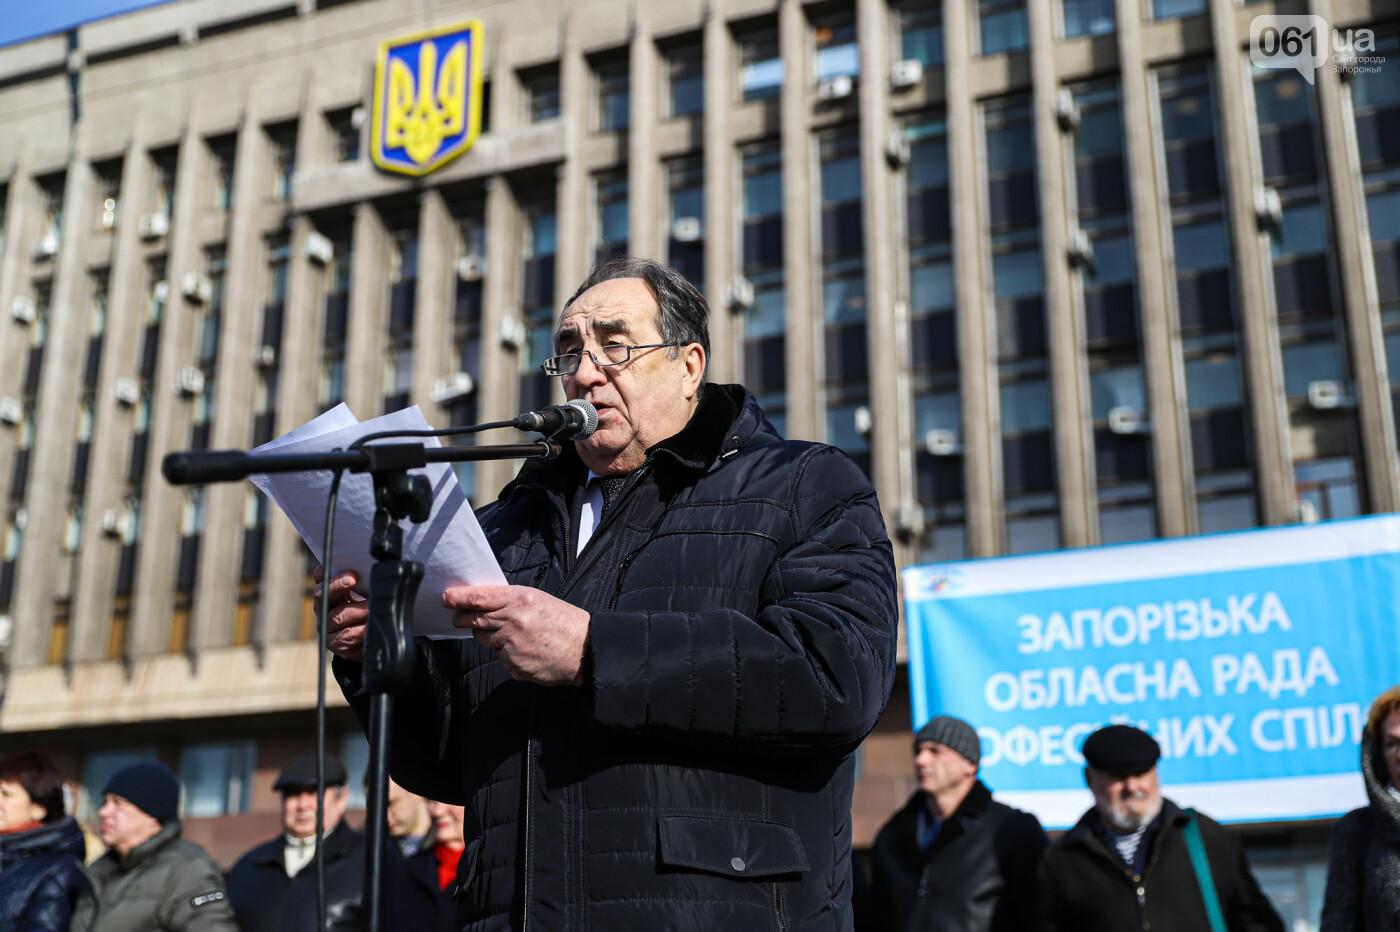 В Запорожье на протестную акцию профсоюзов «Волна гнева» вышло около 2000 человек, - ФОТОРЕПОРТАЖ, фото-1